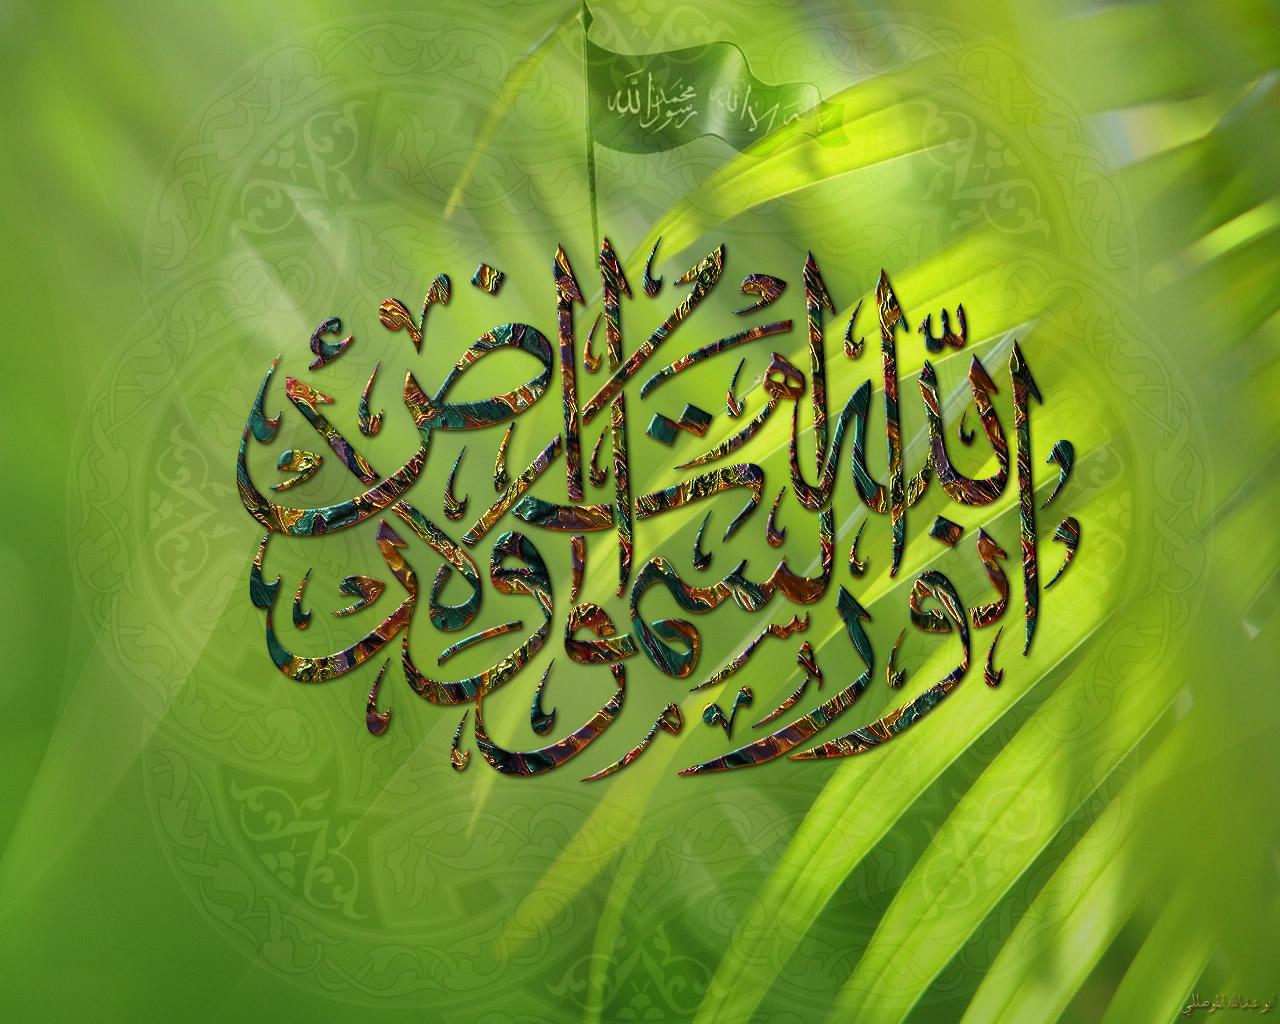 Islamic Wallpaper 1280x1024